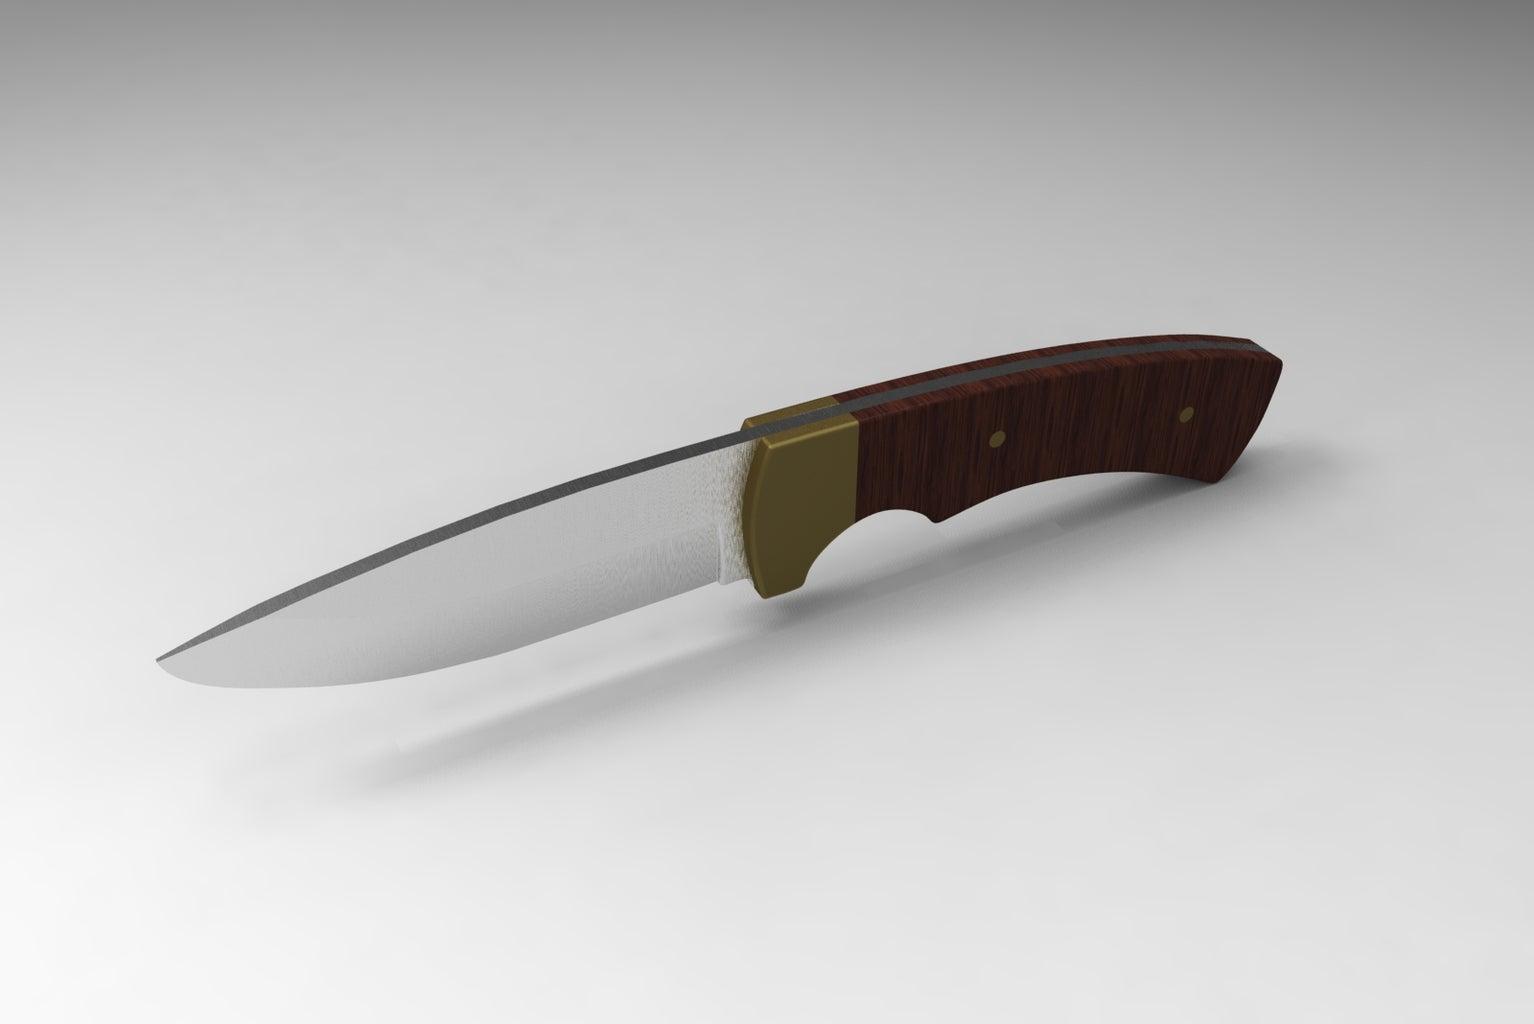 Design the Knife (CAD - Optional)